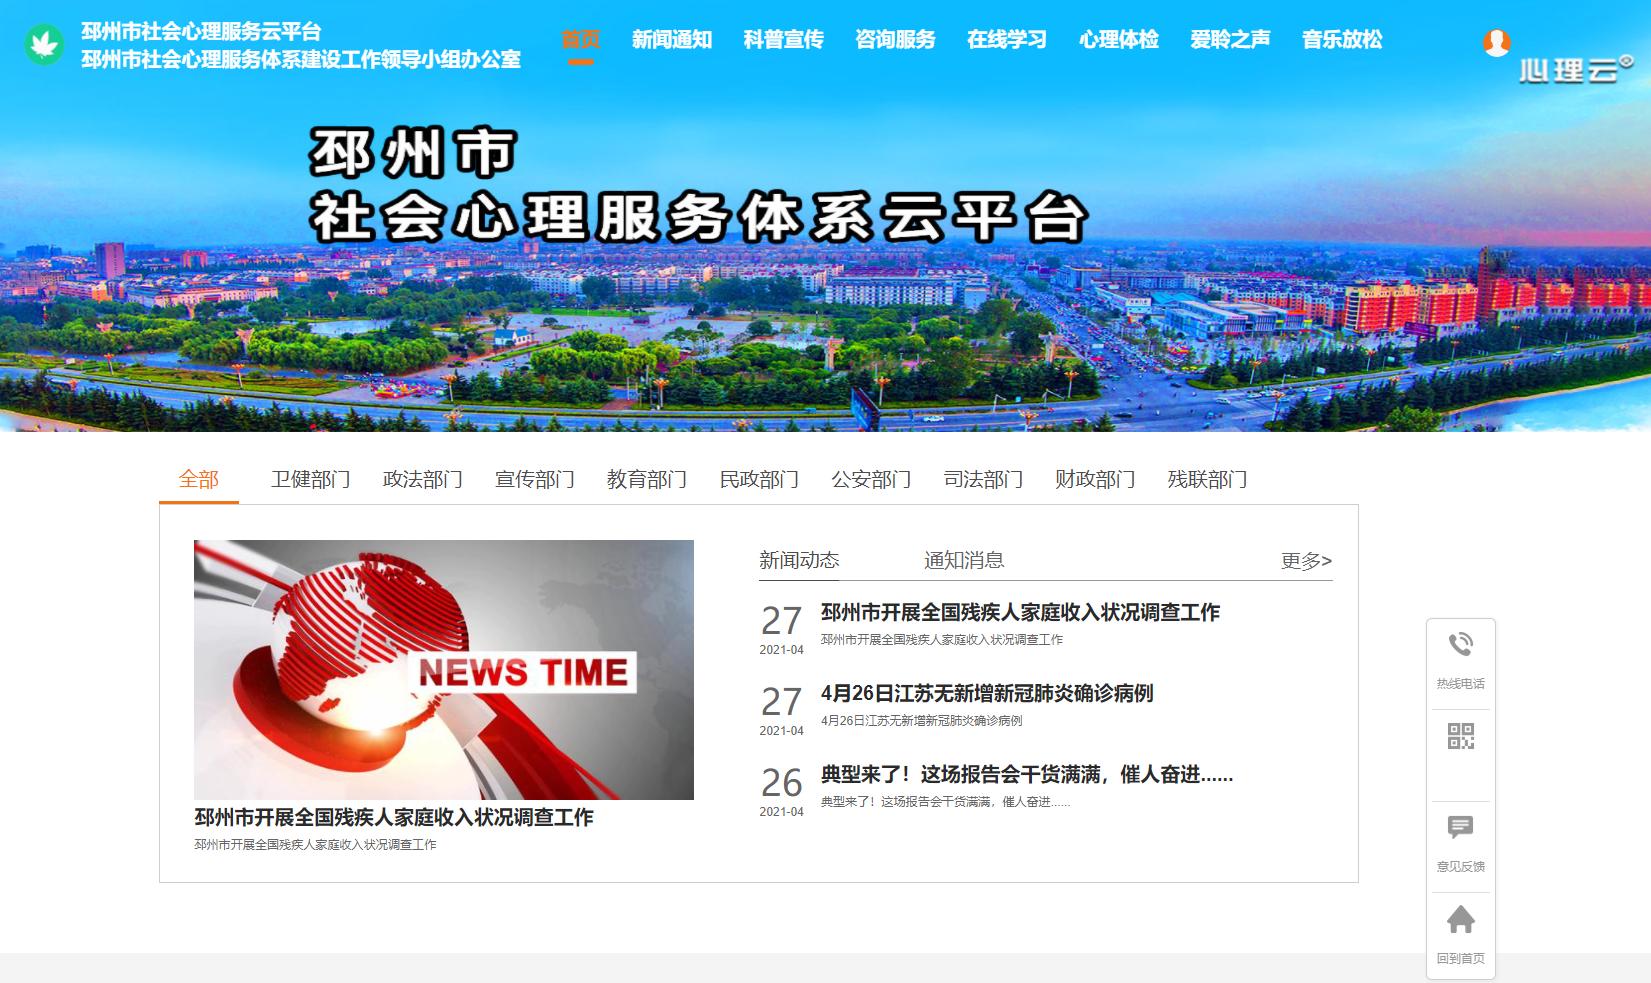 邳州市社会米乐m6官网服务云平台